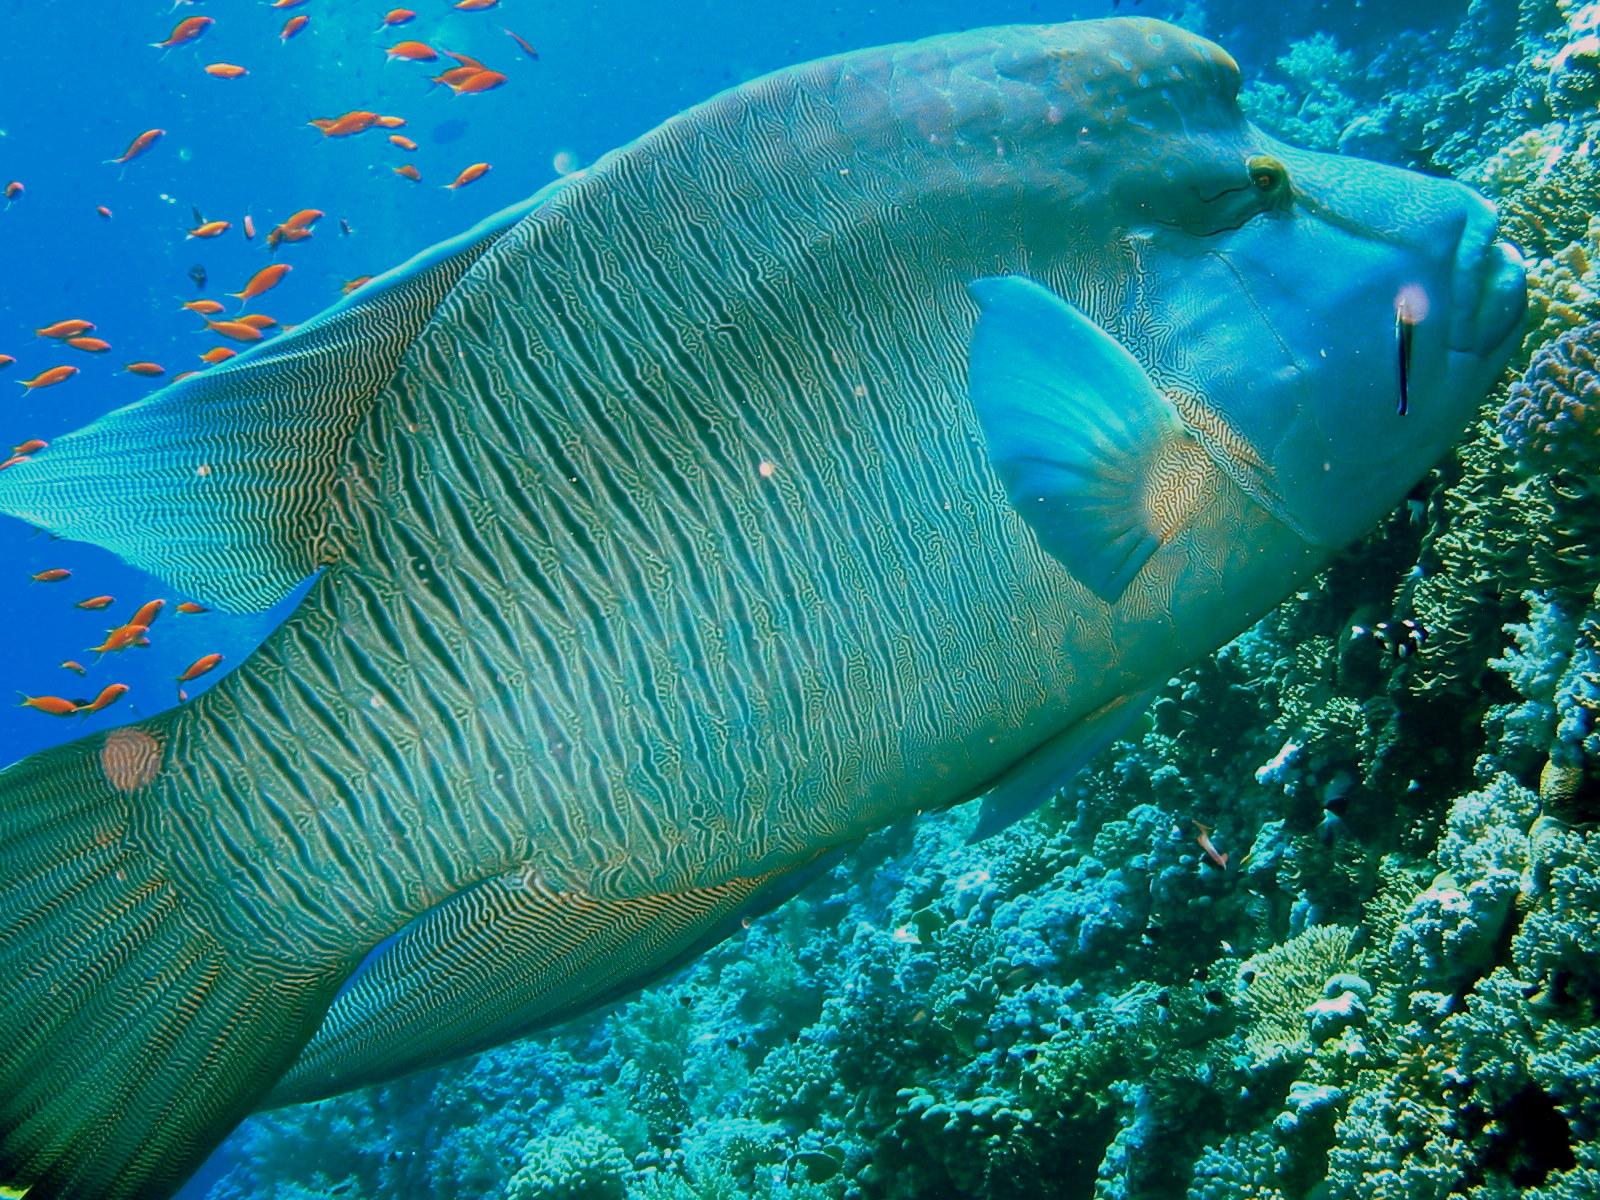 рыбы египта картинки с названиями все, чего она